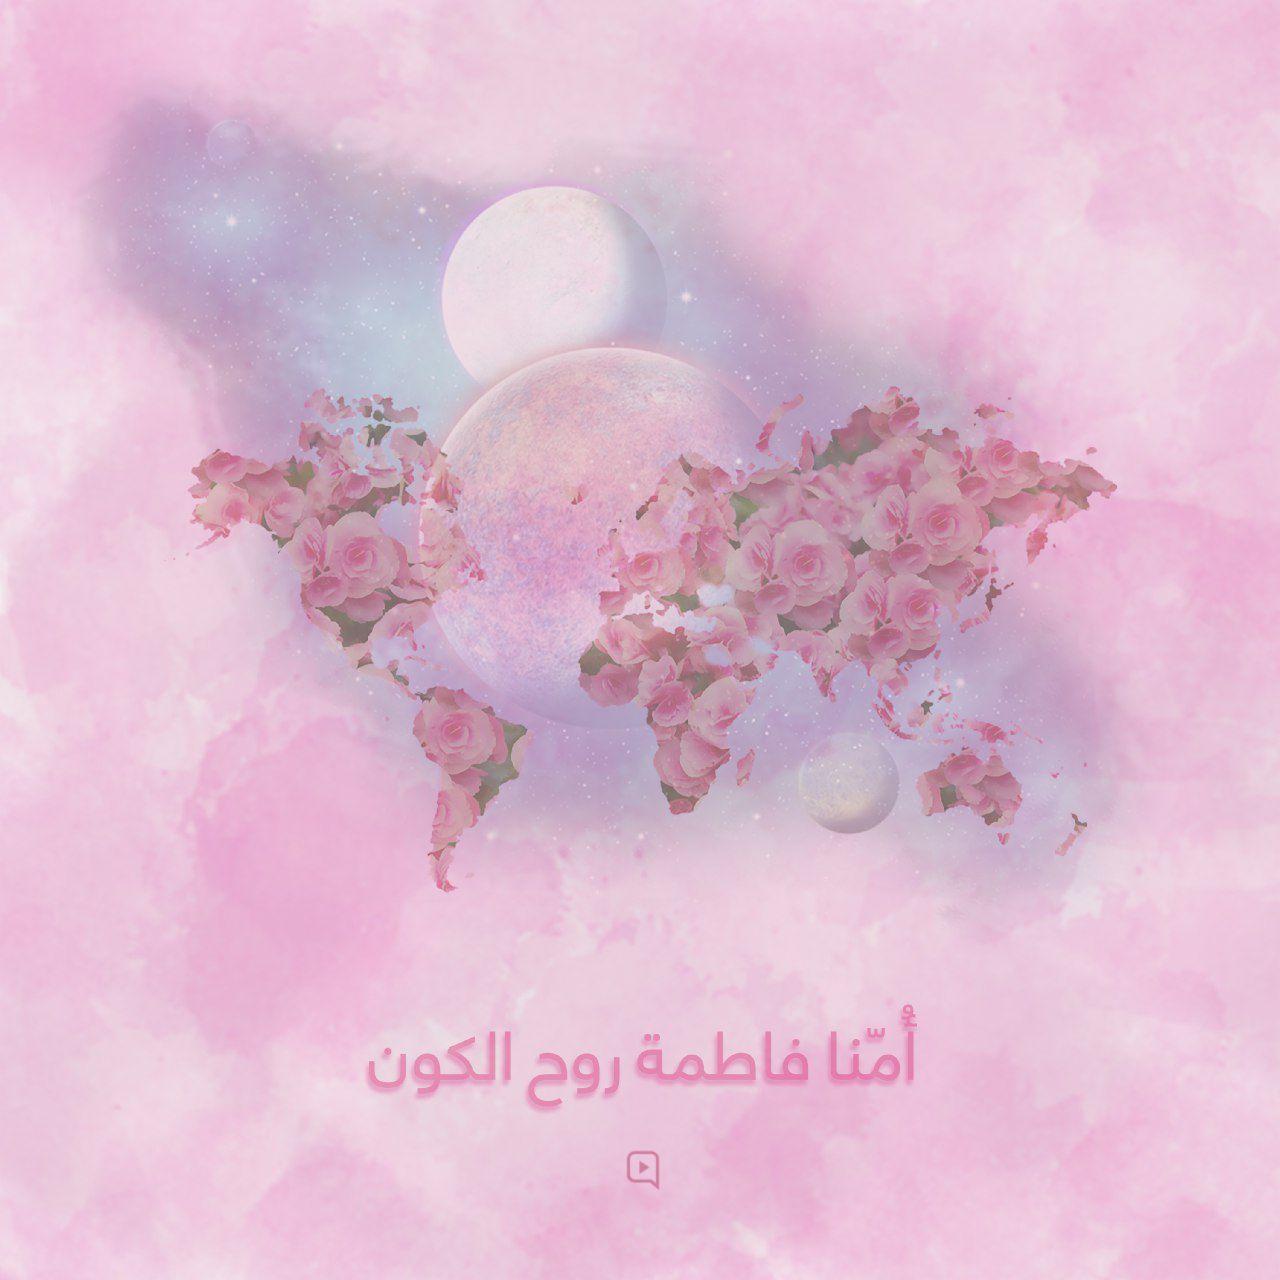 ولادة السيدة الزهراء أمنا فاطمة روح الكون Islamic Paintings Girly Art Islamic Art